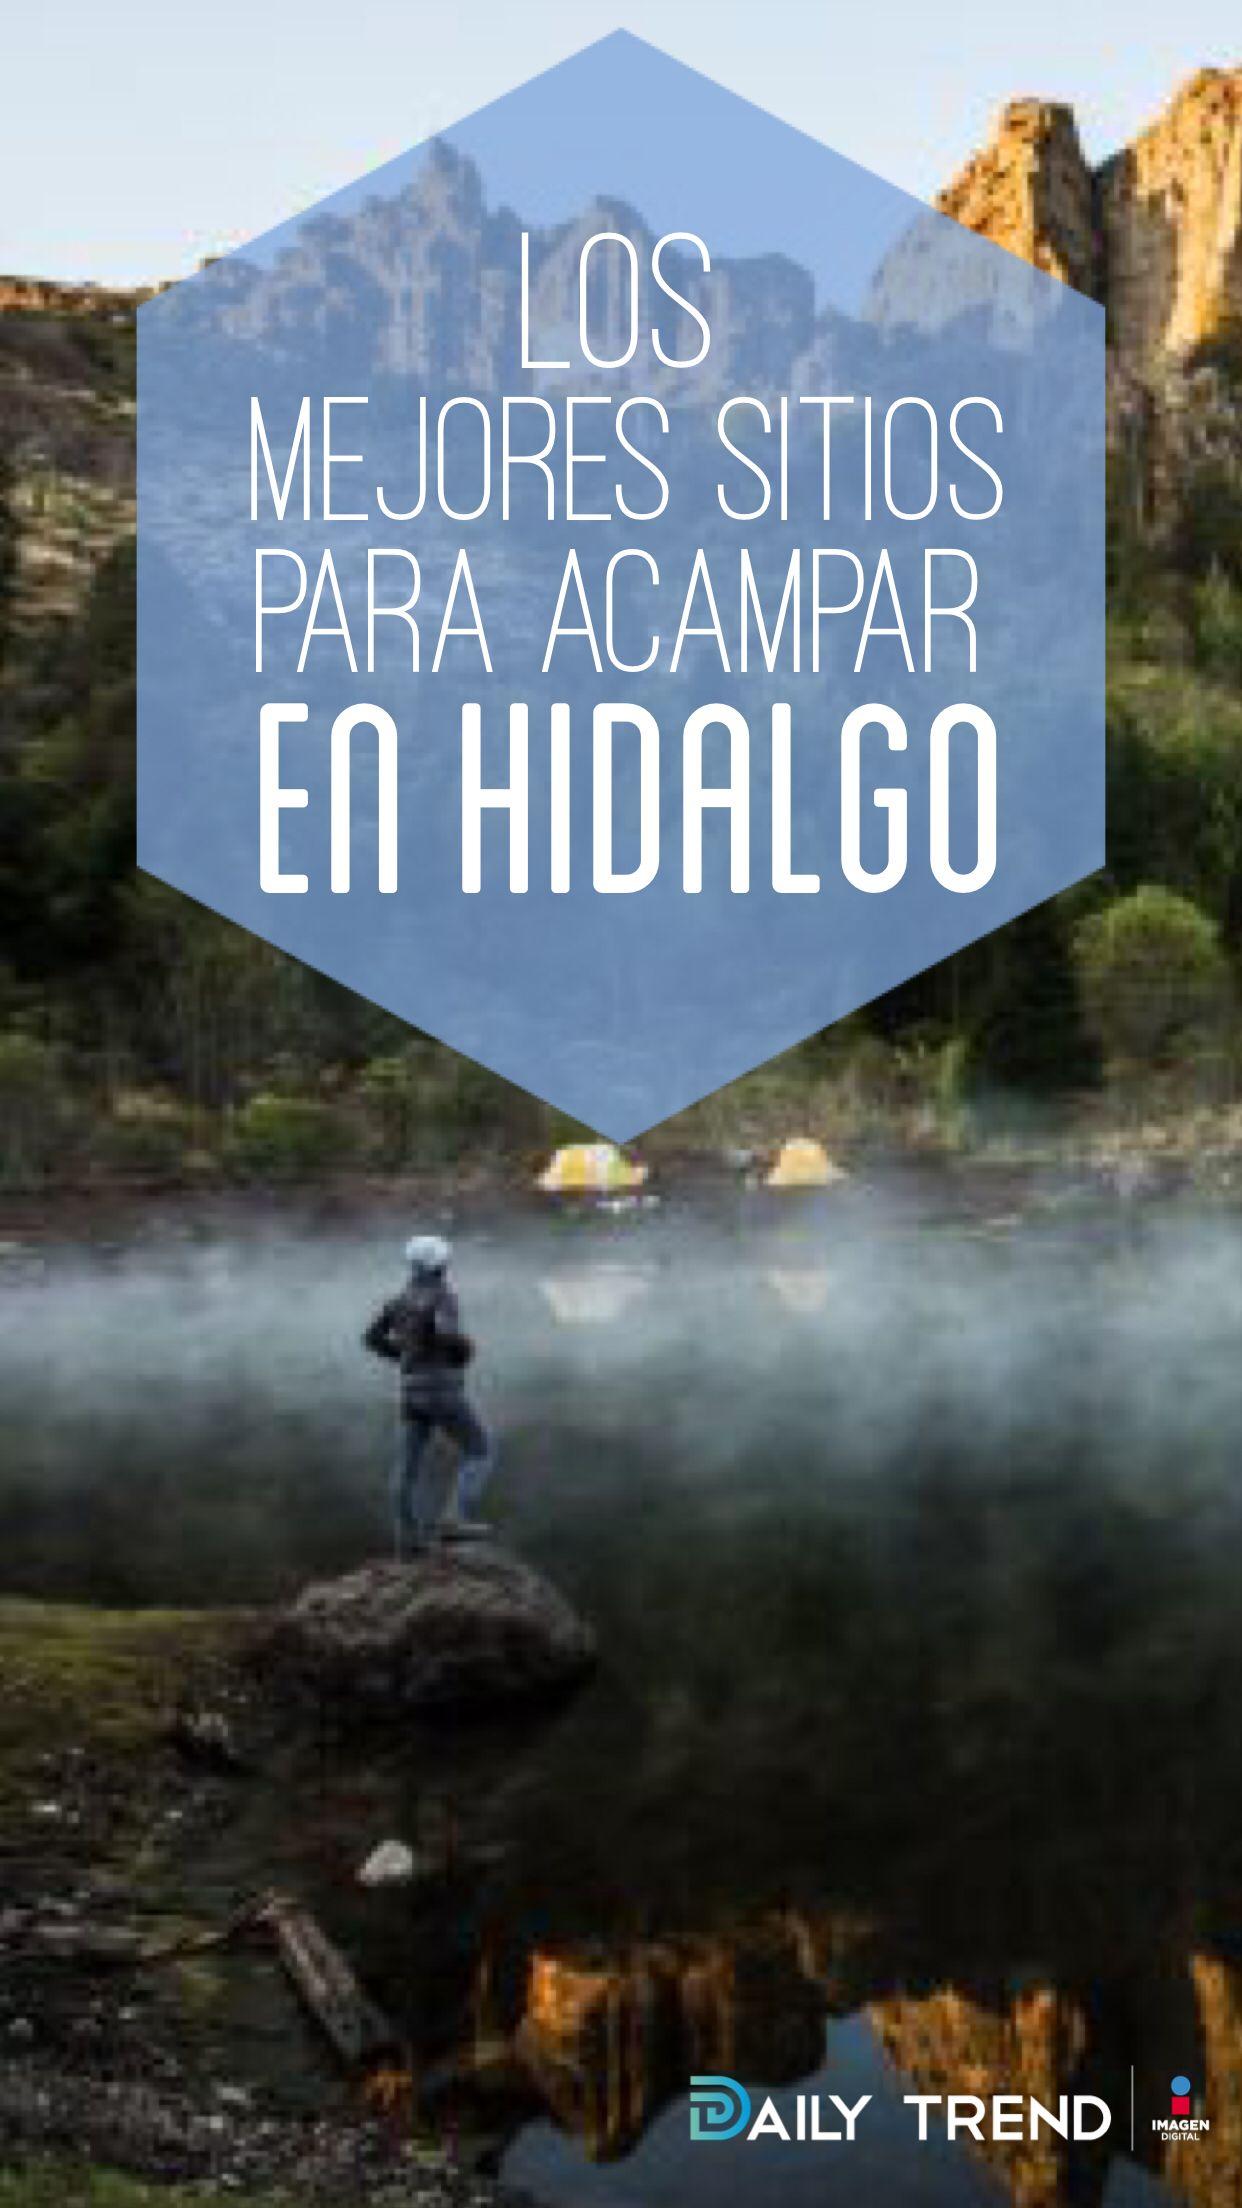 Mejores lugares para acampar en mexico